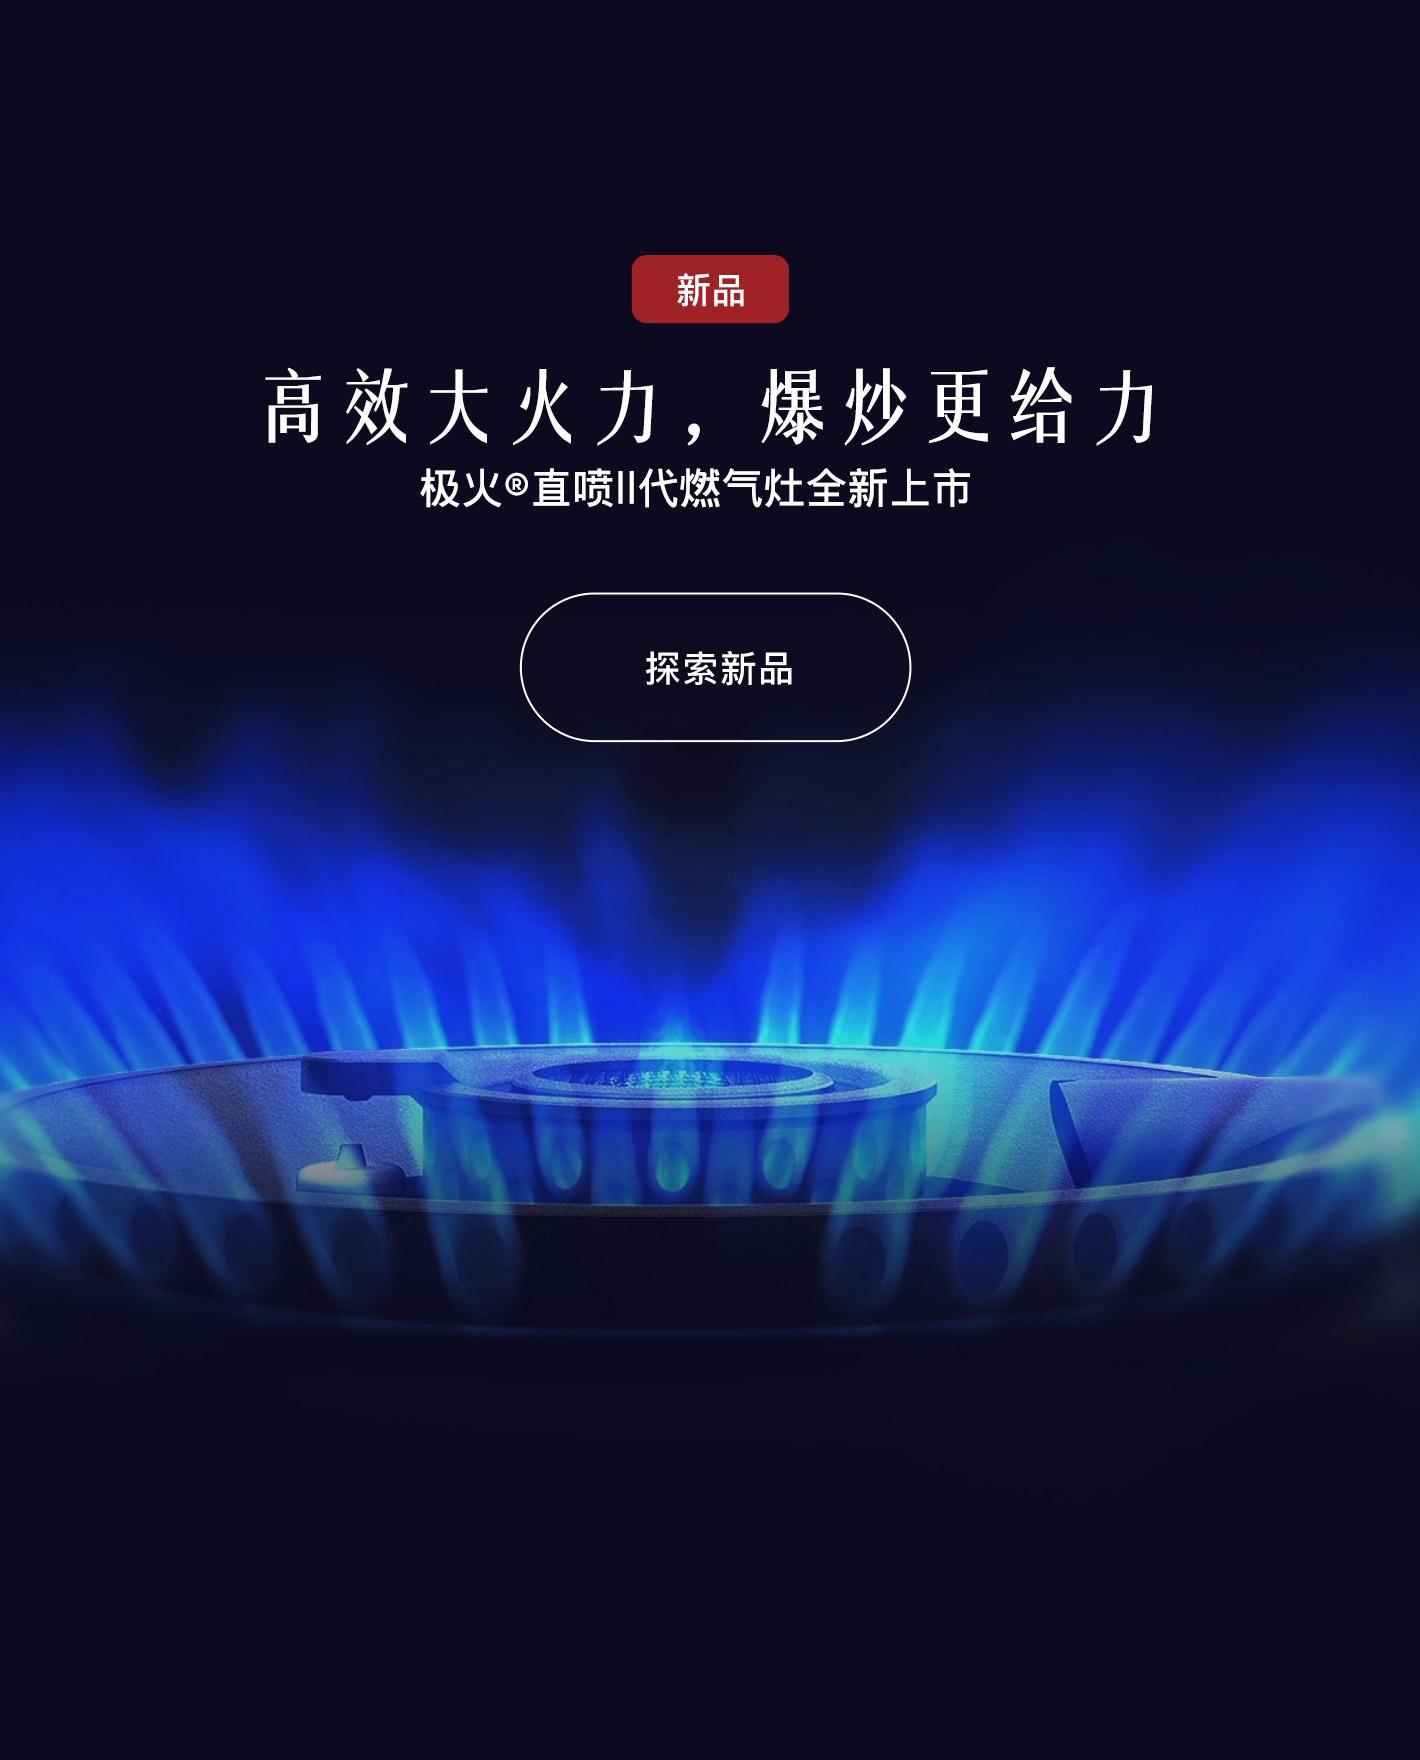 新品極火®直噴Ⅱ代燃氣灶-FOTILE棋牌电玩游戏平台廚房電器官方網站